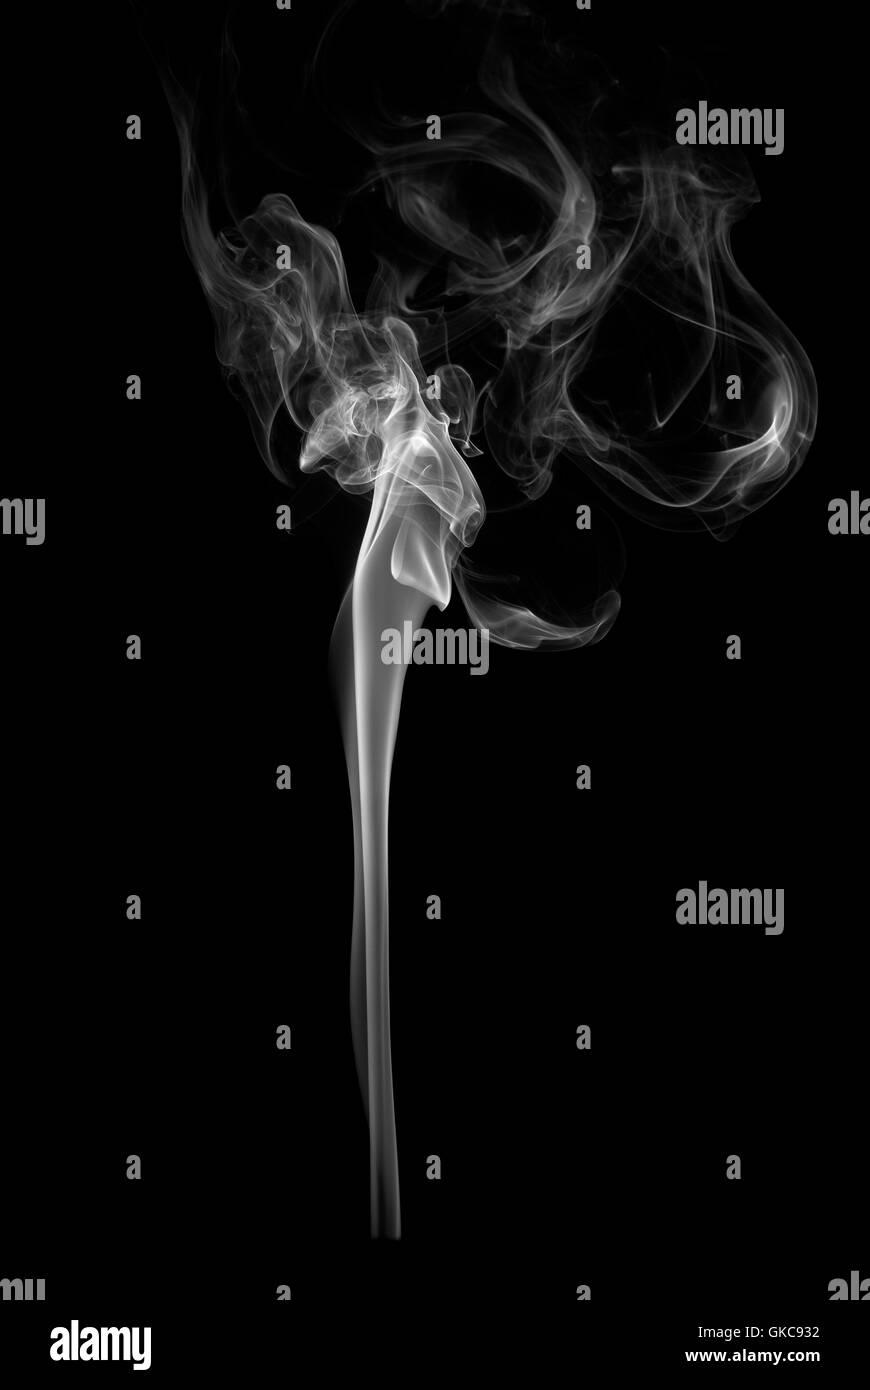 smoke smoking smokes - Stock Image